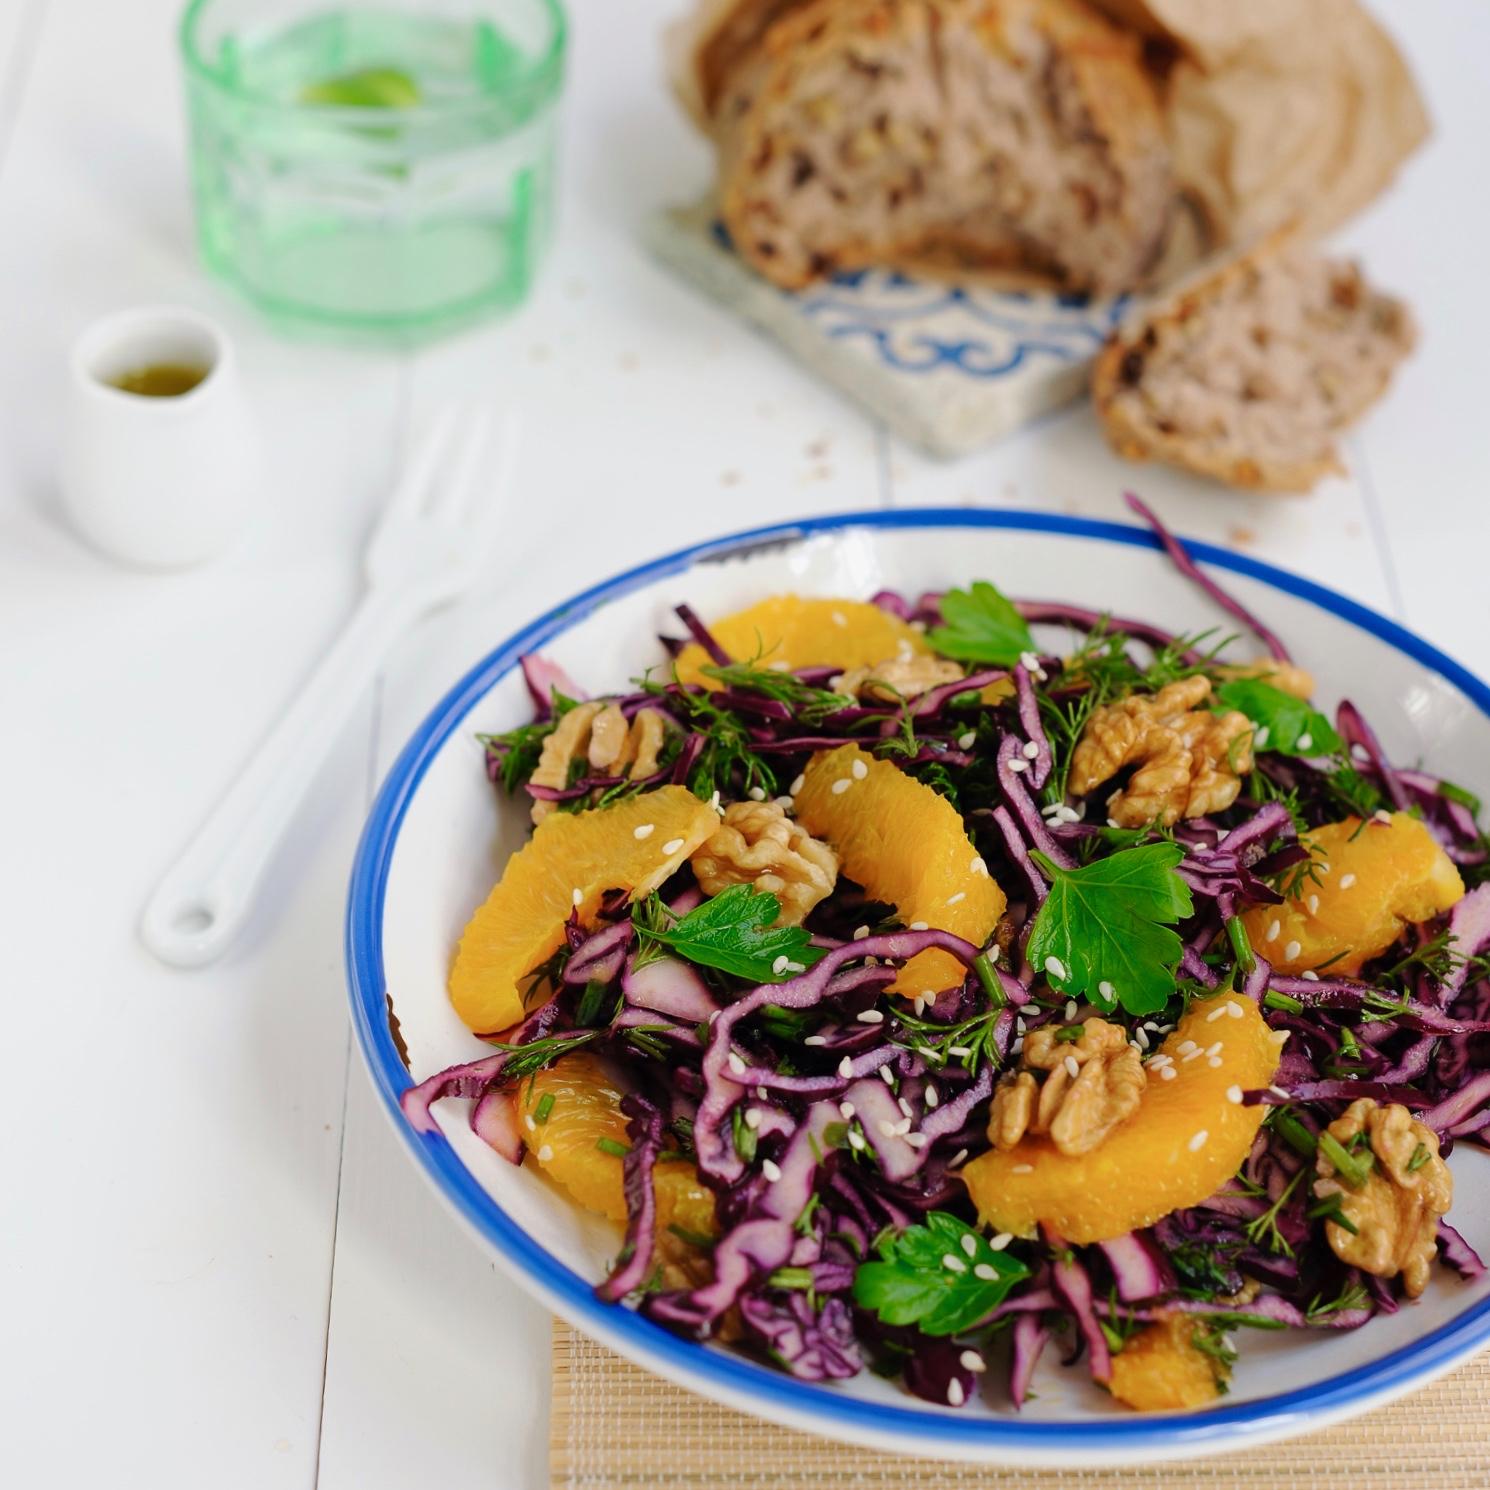 labelaure blog culinaire photographe culinaire création recette salade simplisme chou rouge orange noix